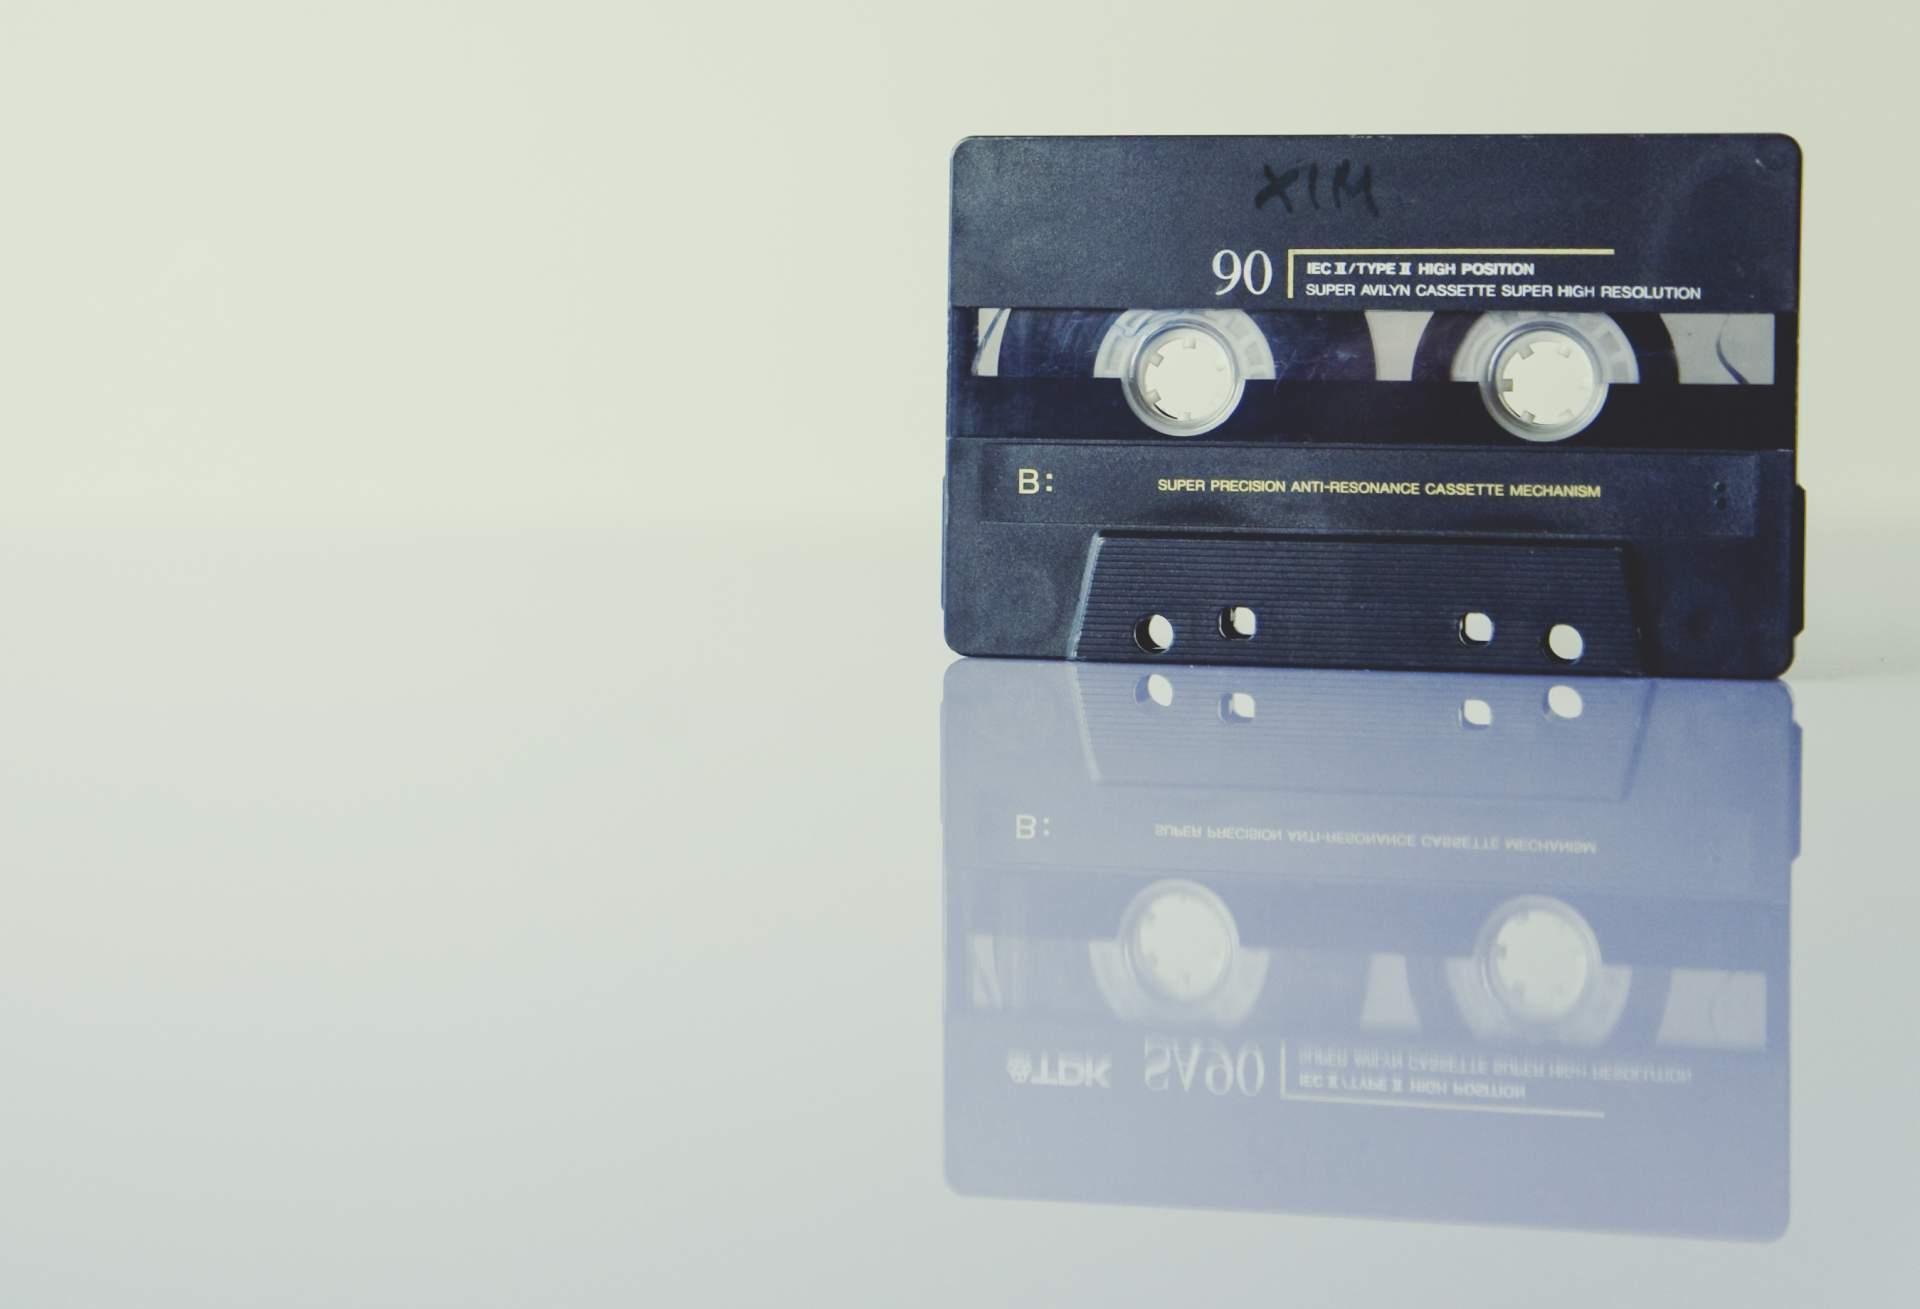 Mixtapes waren früher echt beliebt. Heute tut's ein USB-Stick.